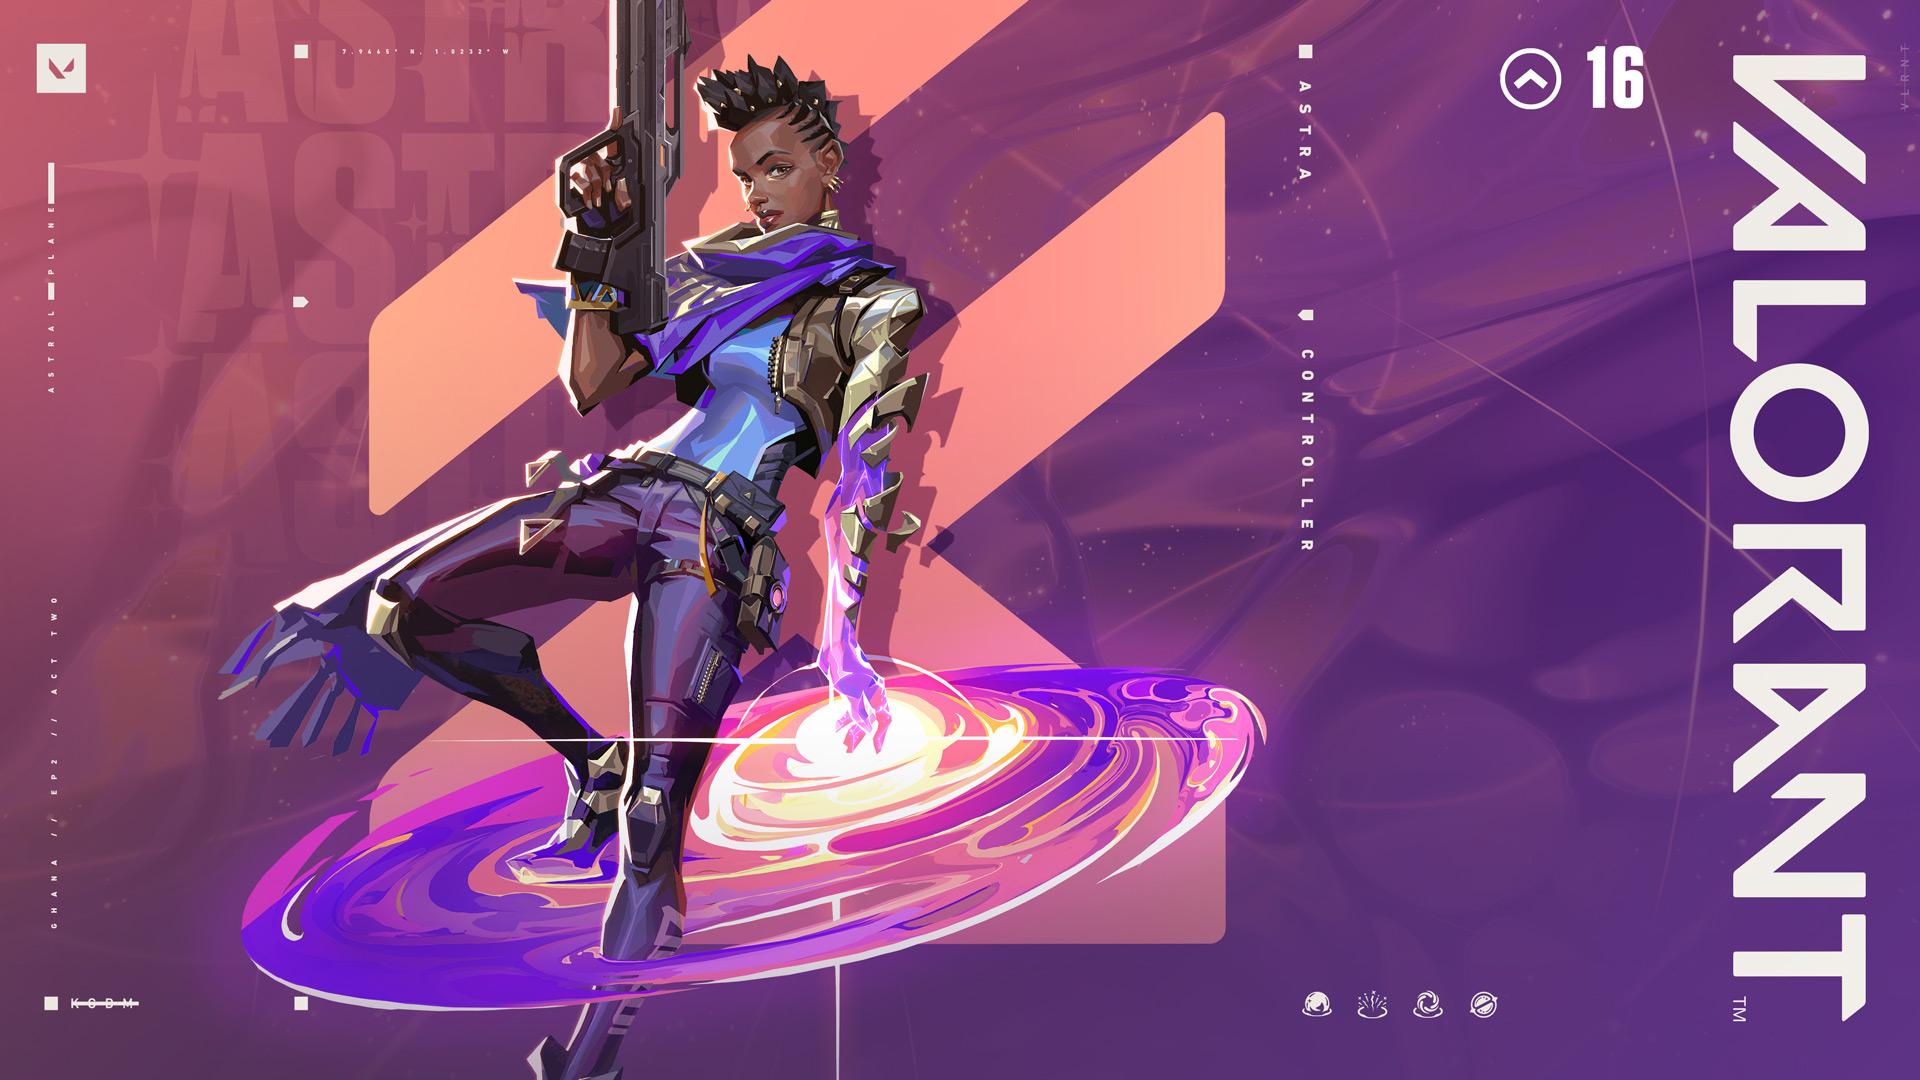 3_9_21_AstraA15KeyArtBTSArticle_Astra_Wallpapers_purple.jpg